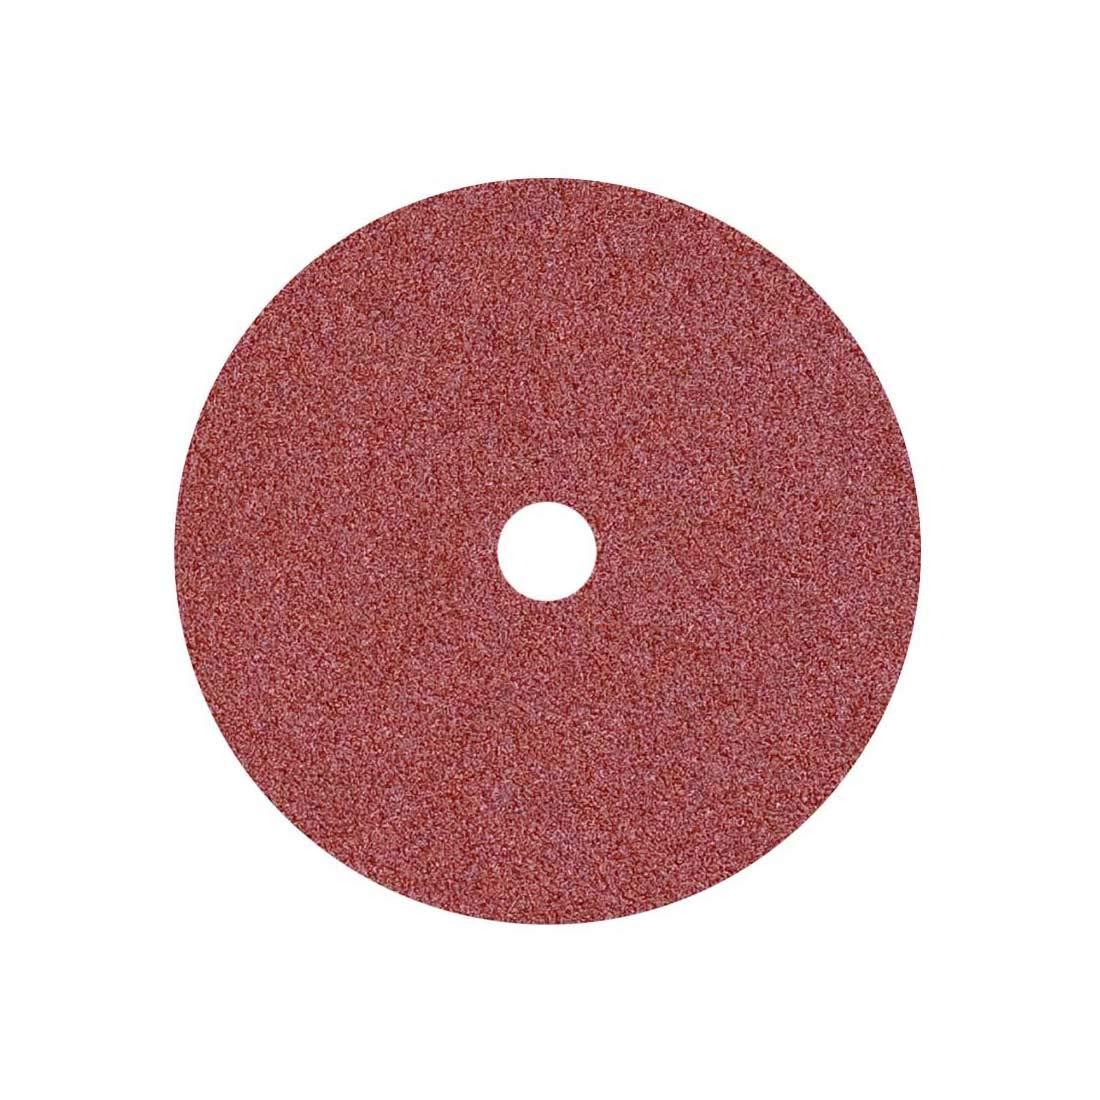 double face 5 Disques abrasifs MioTools pour monobrosse /Ø 406 mm // 25 mm grain 36